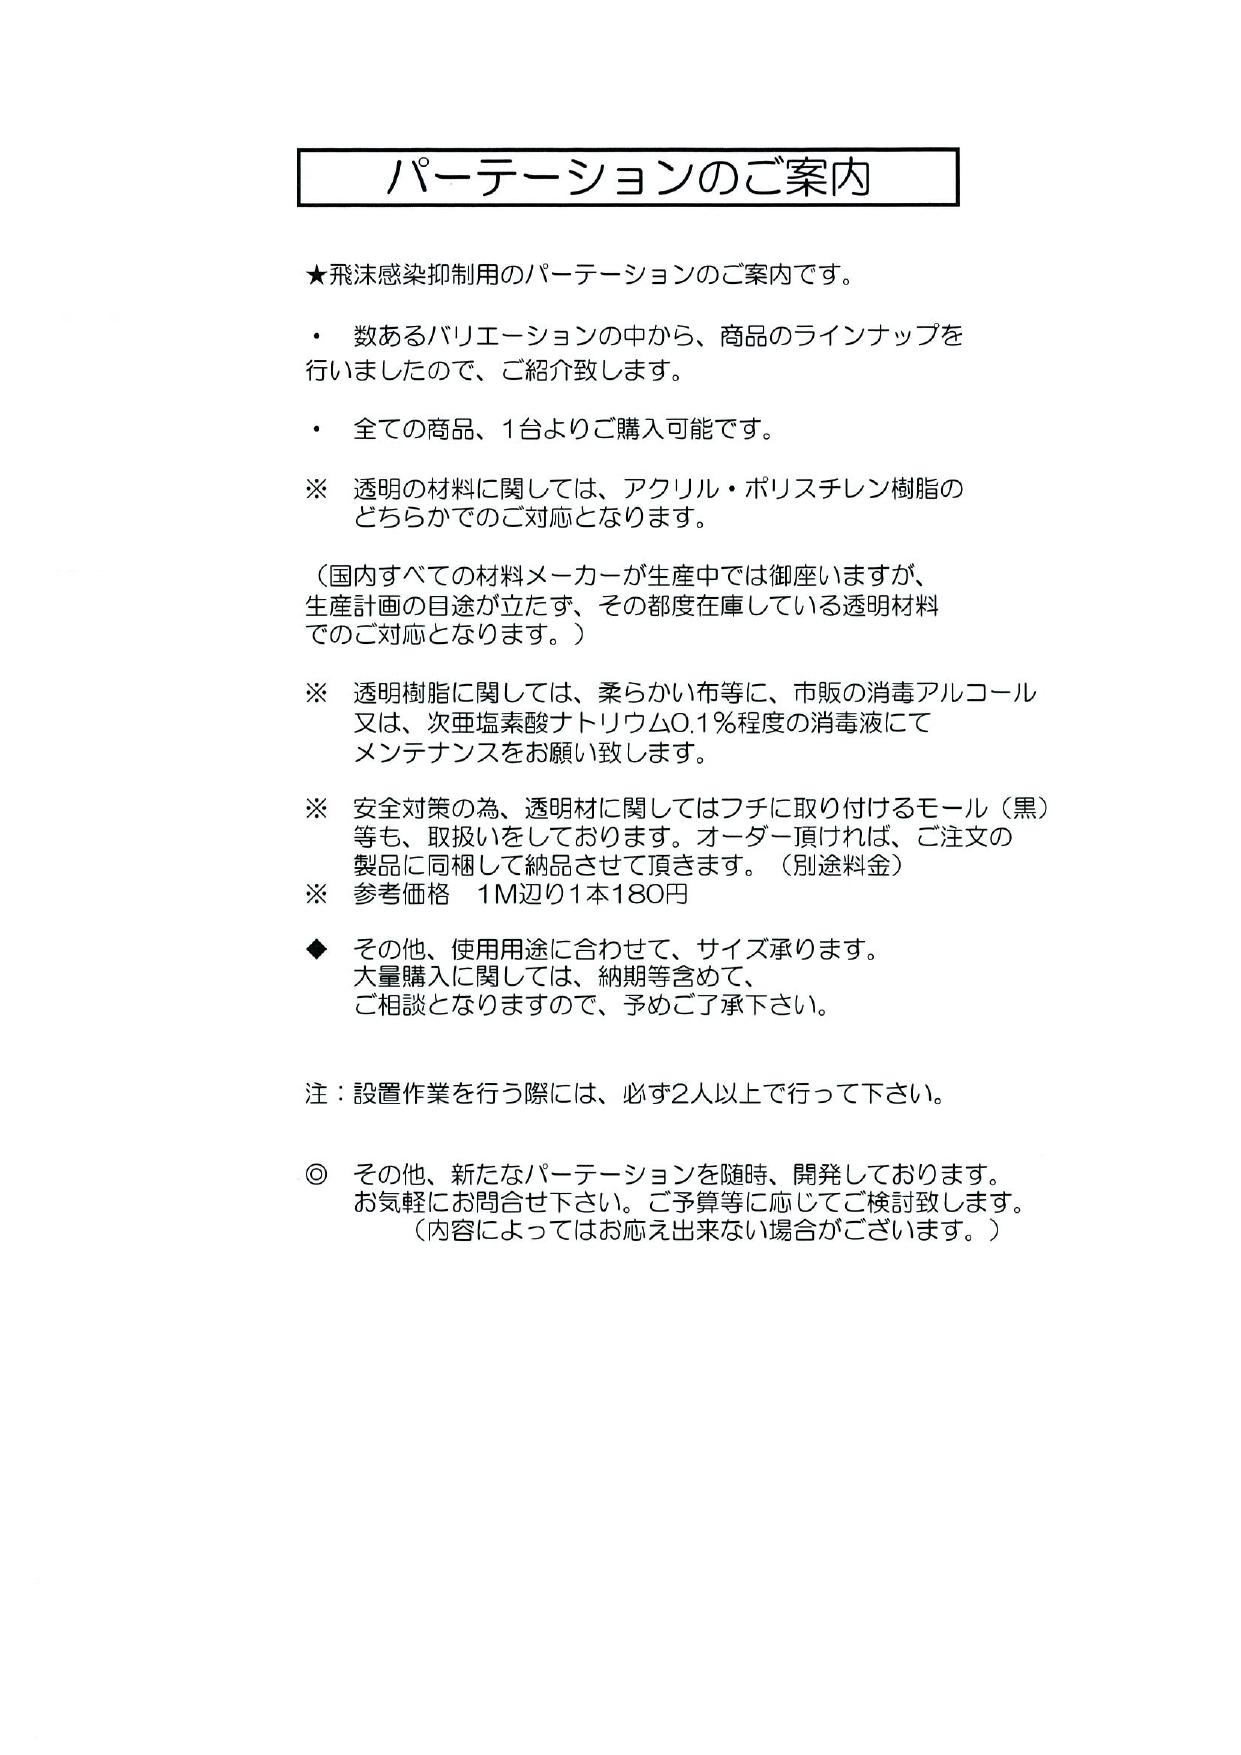 【飛沫防止パーテーションカタログ】_page-0002